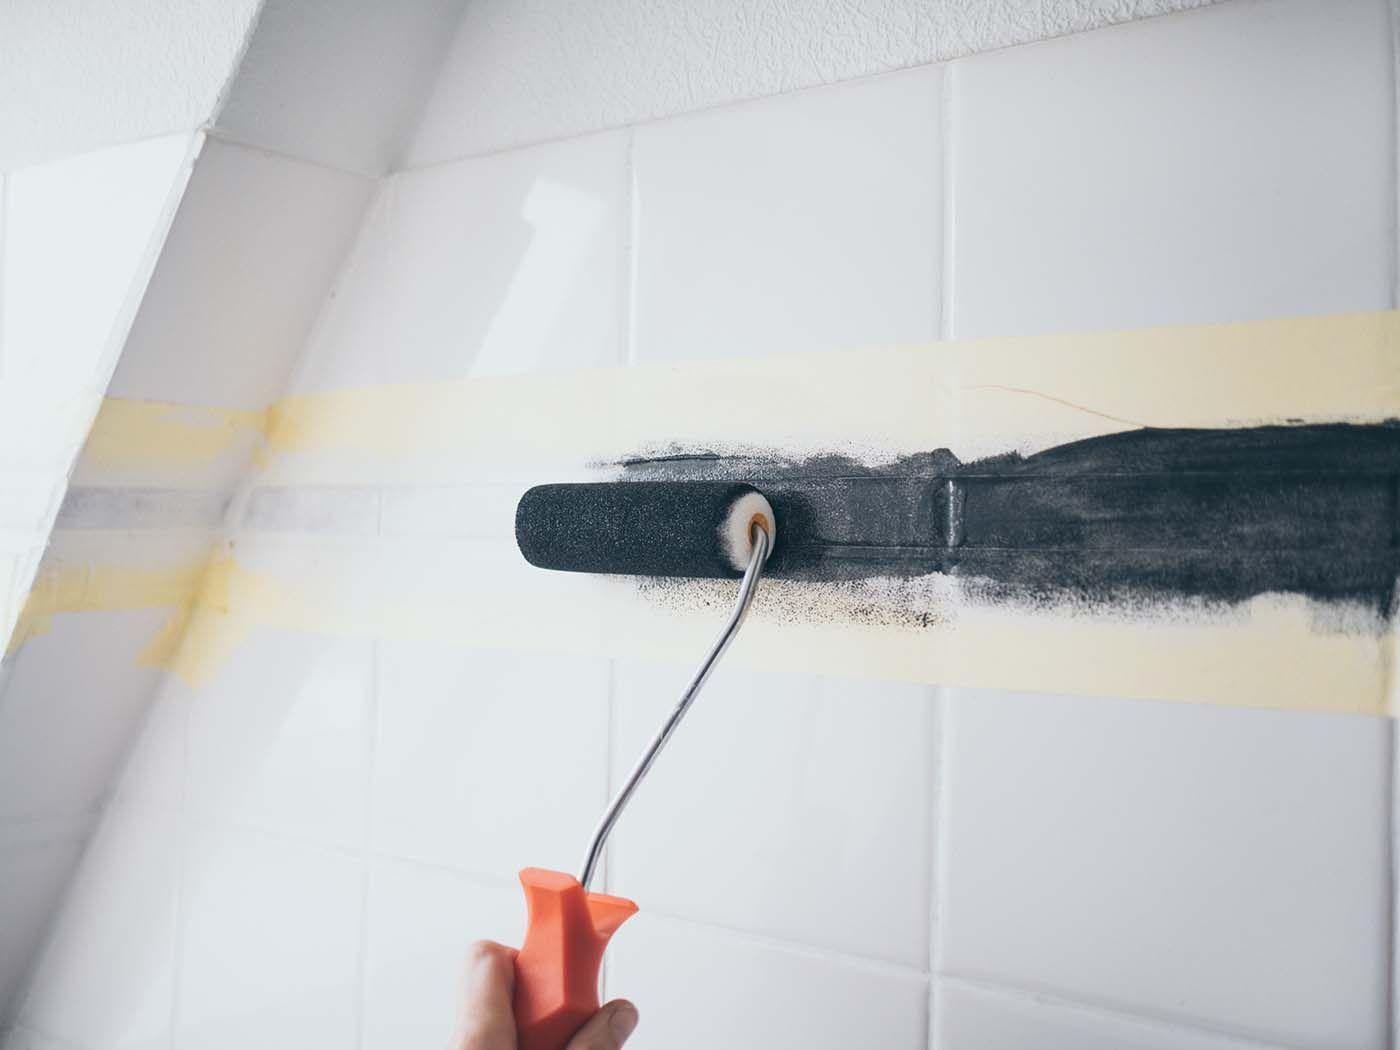 Diy Fliesen Streichen Im Bad Badezimmer Makeover Teil 2 Yeah Handmade In 2020 Fliesen Streichen Diy Fliesen Fliesen